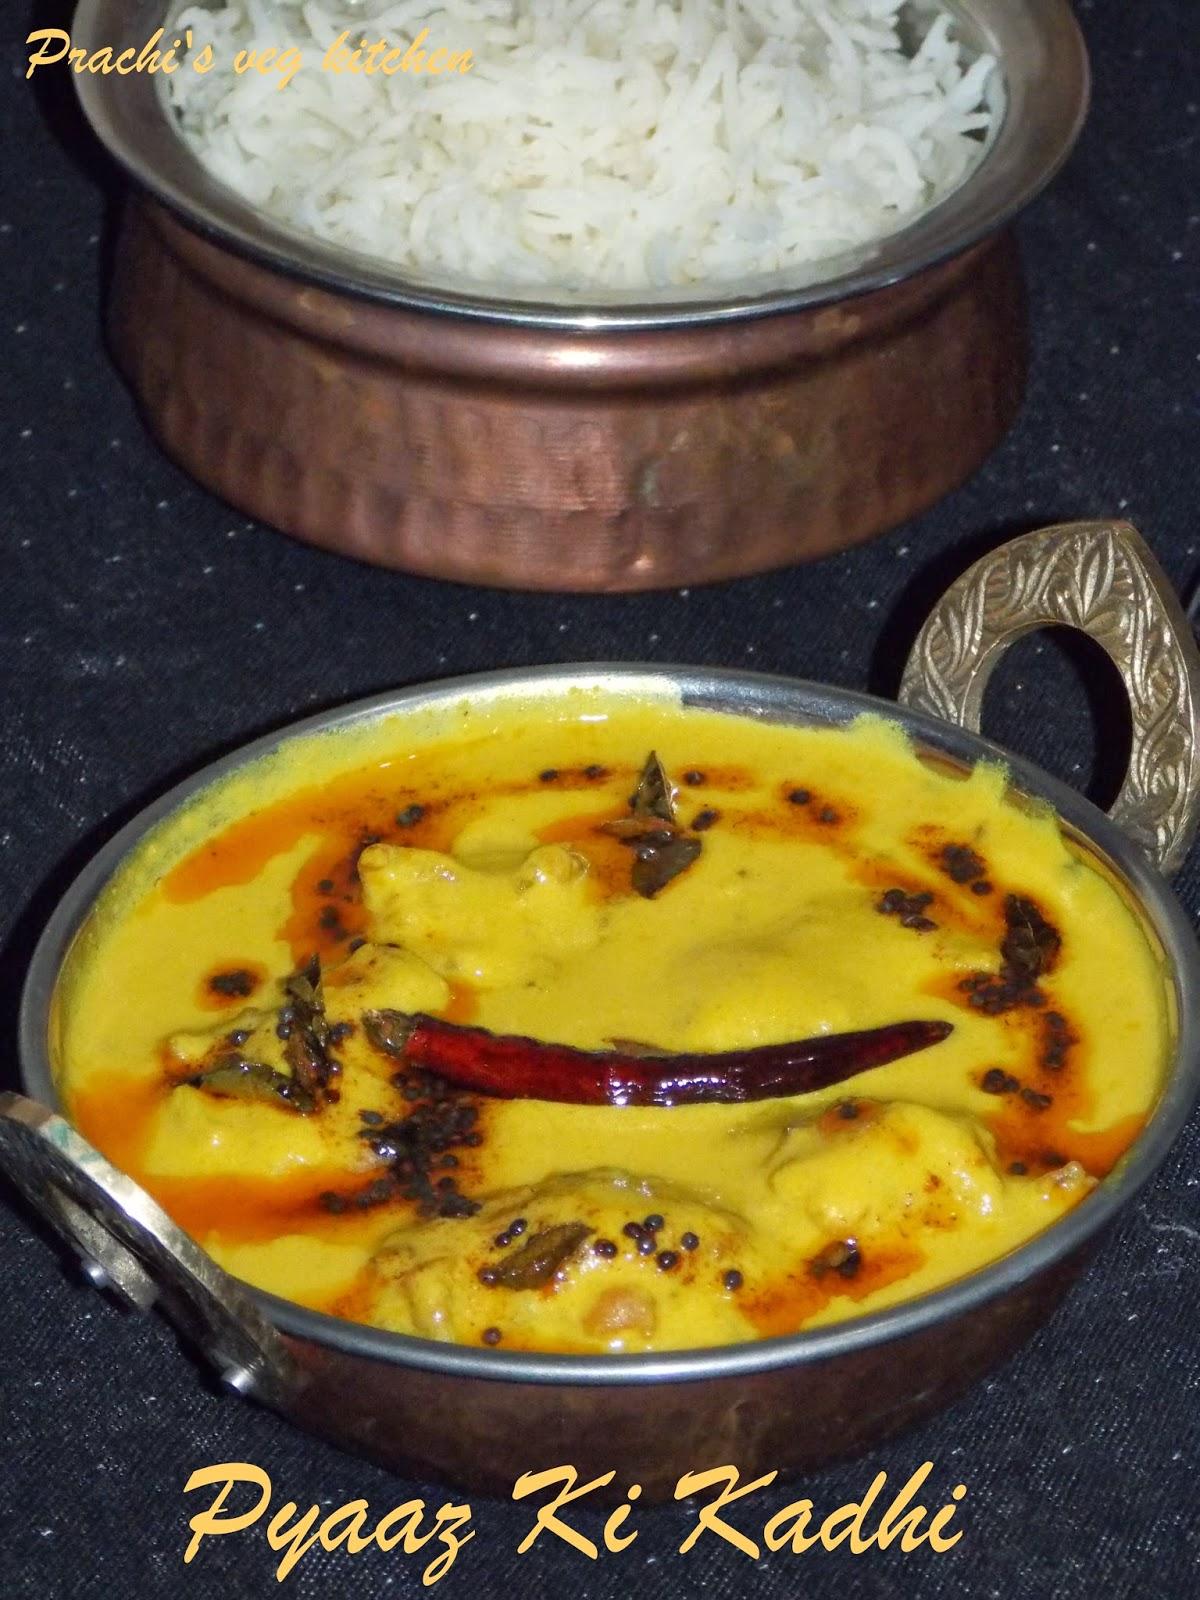 Prachis veg kitchenPyaaz ki Kadhi recipe/ Punjabi Kadhi recipe